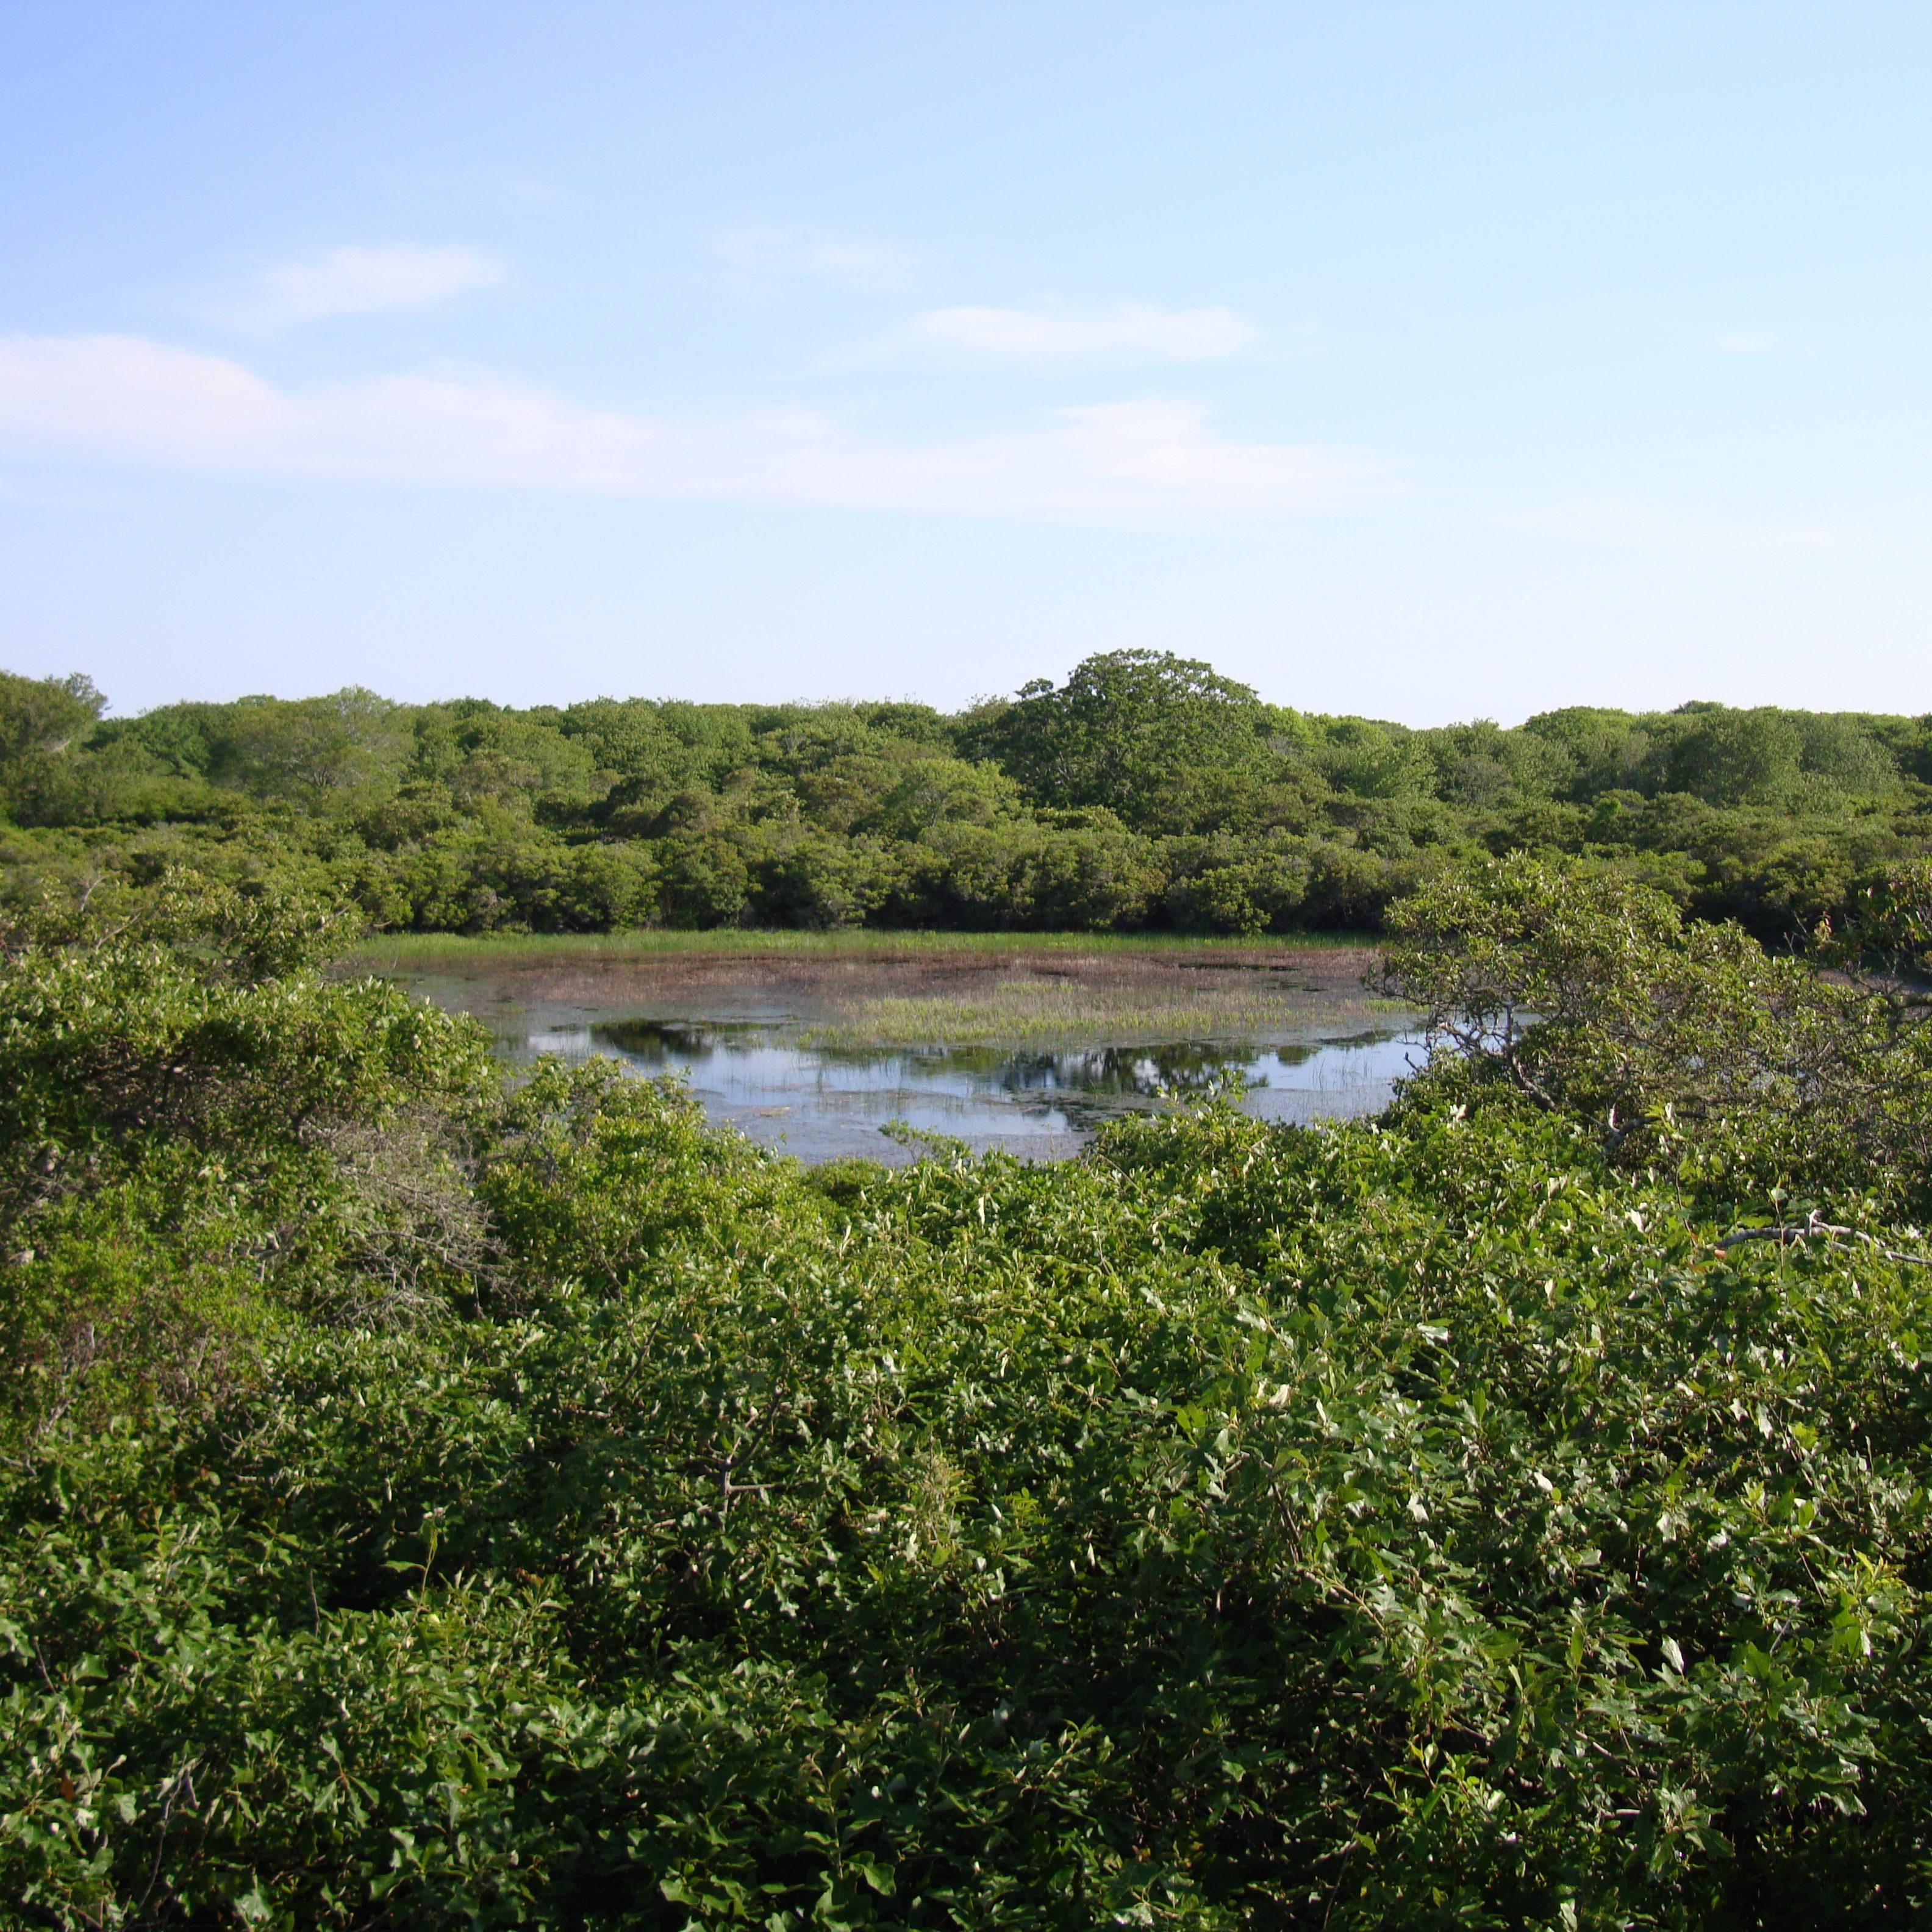 Kettlehole pond at Norwood Farm